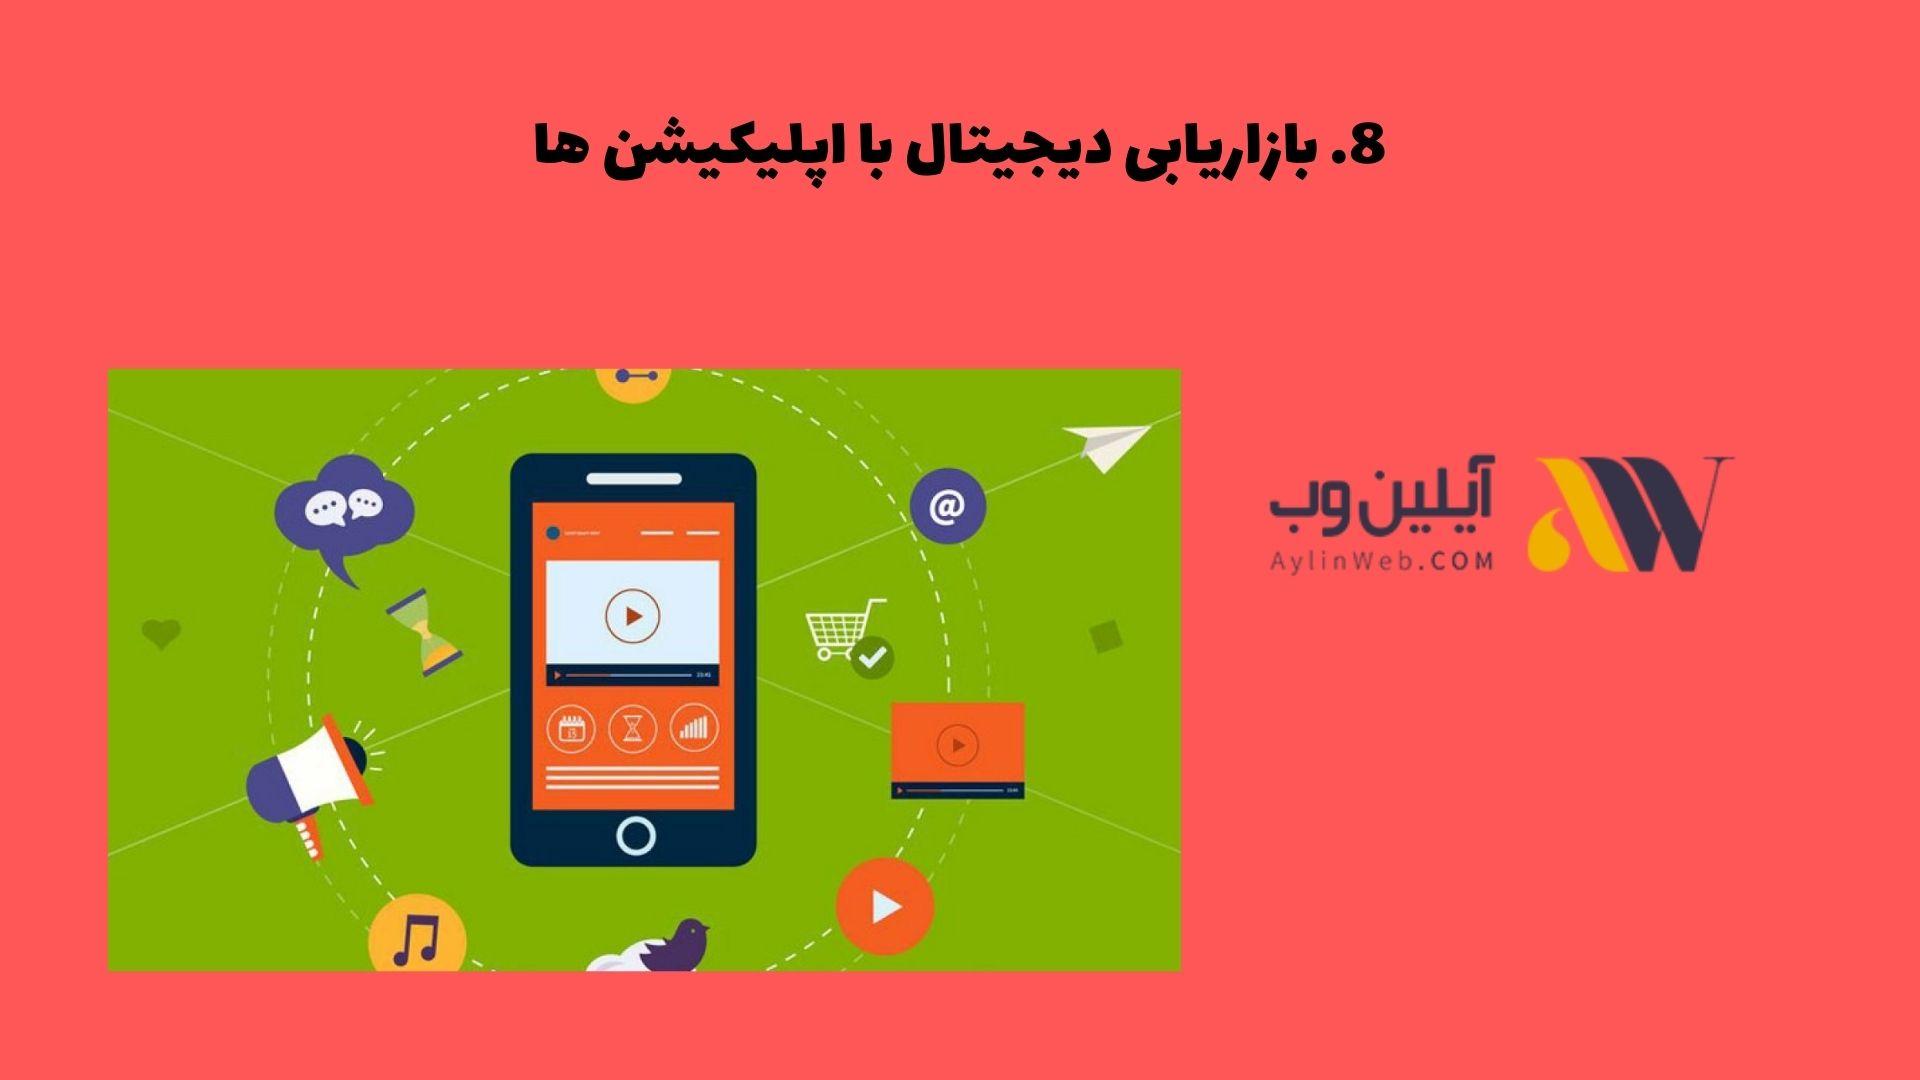 بازاریابی دیجیتال با اپلیکیشن ها